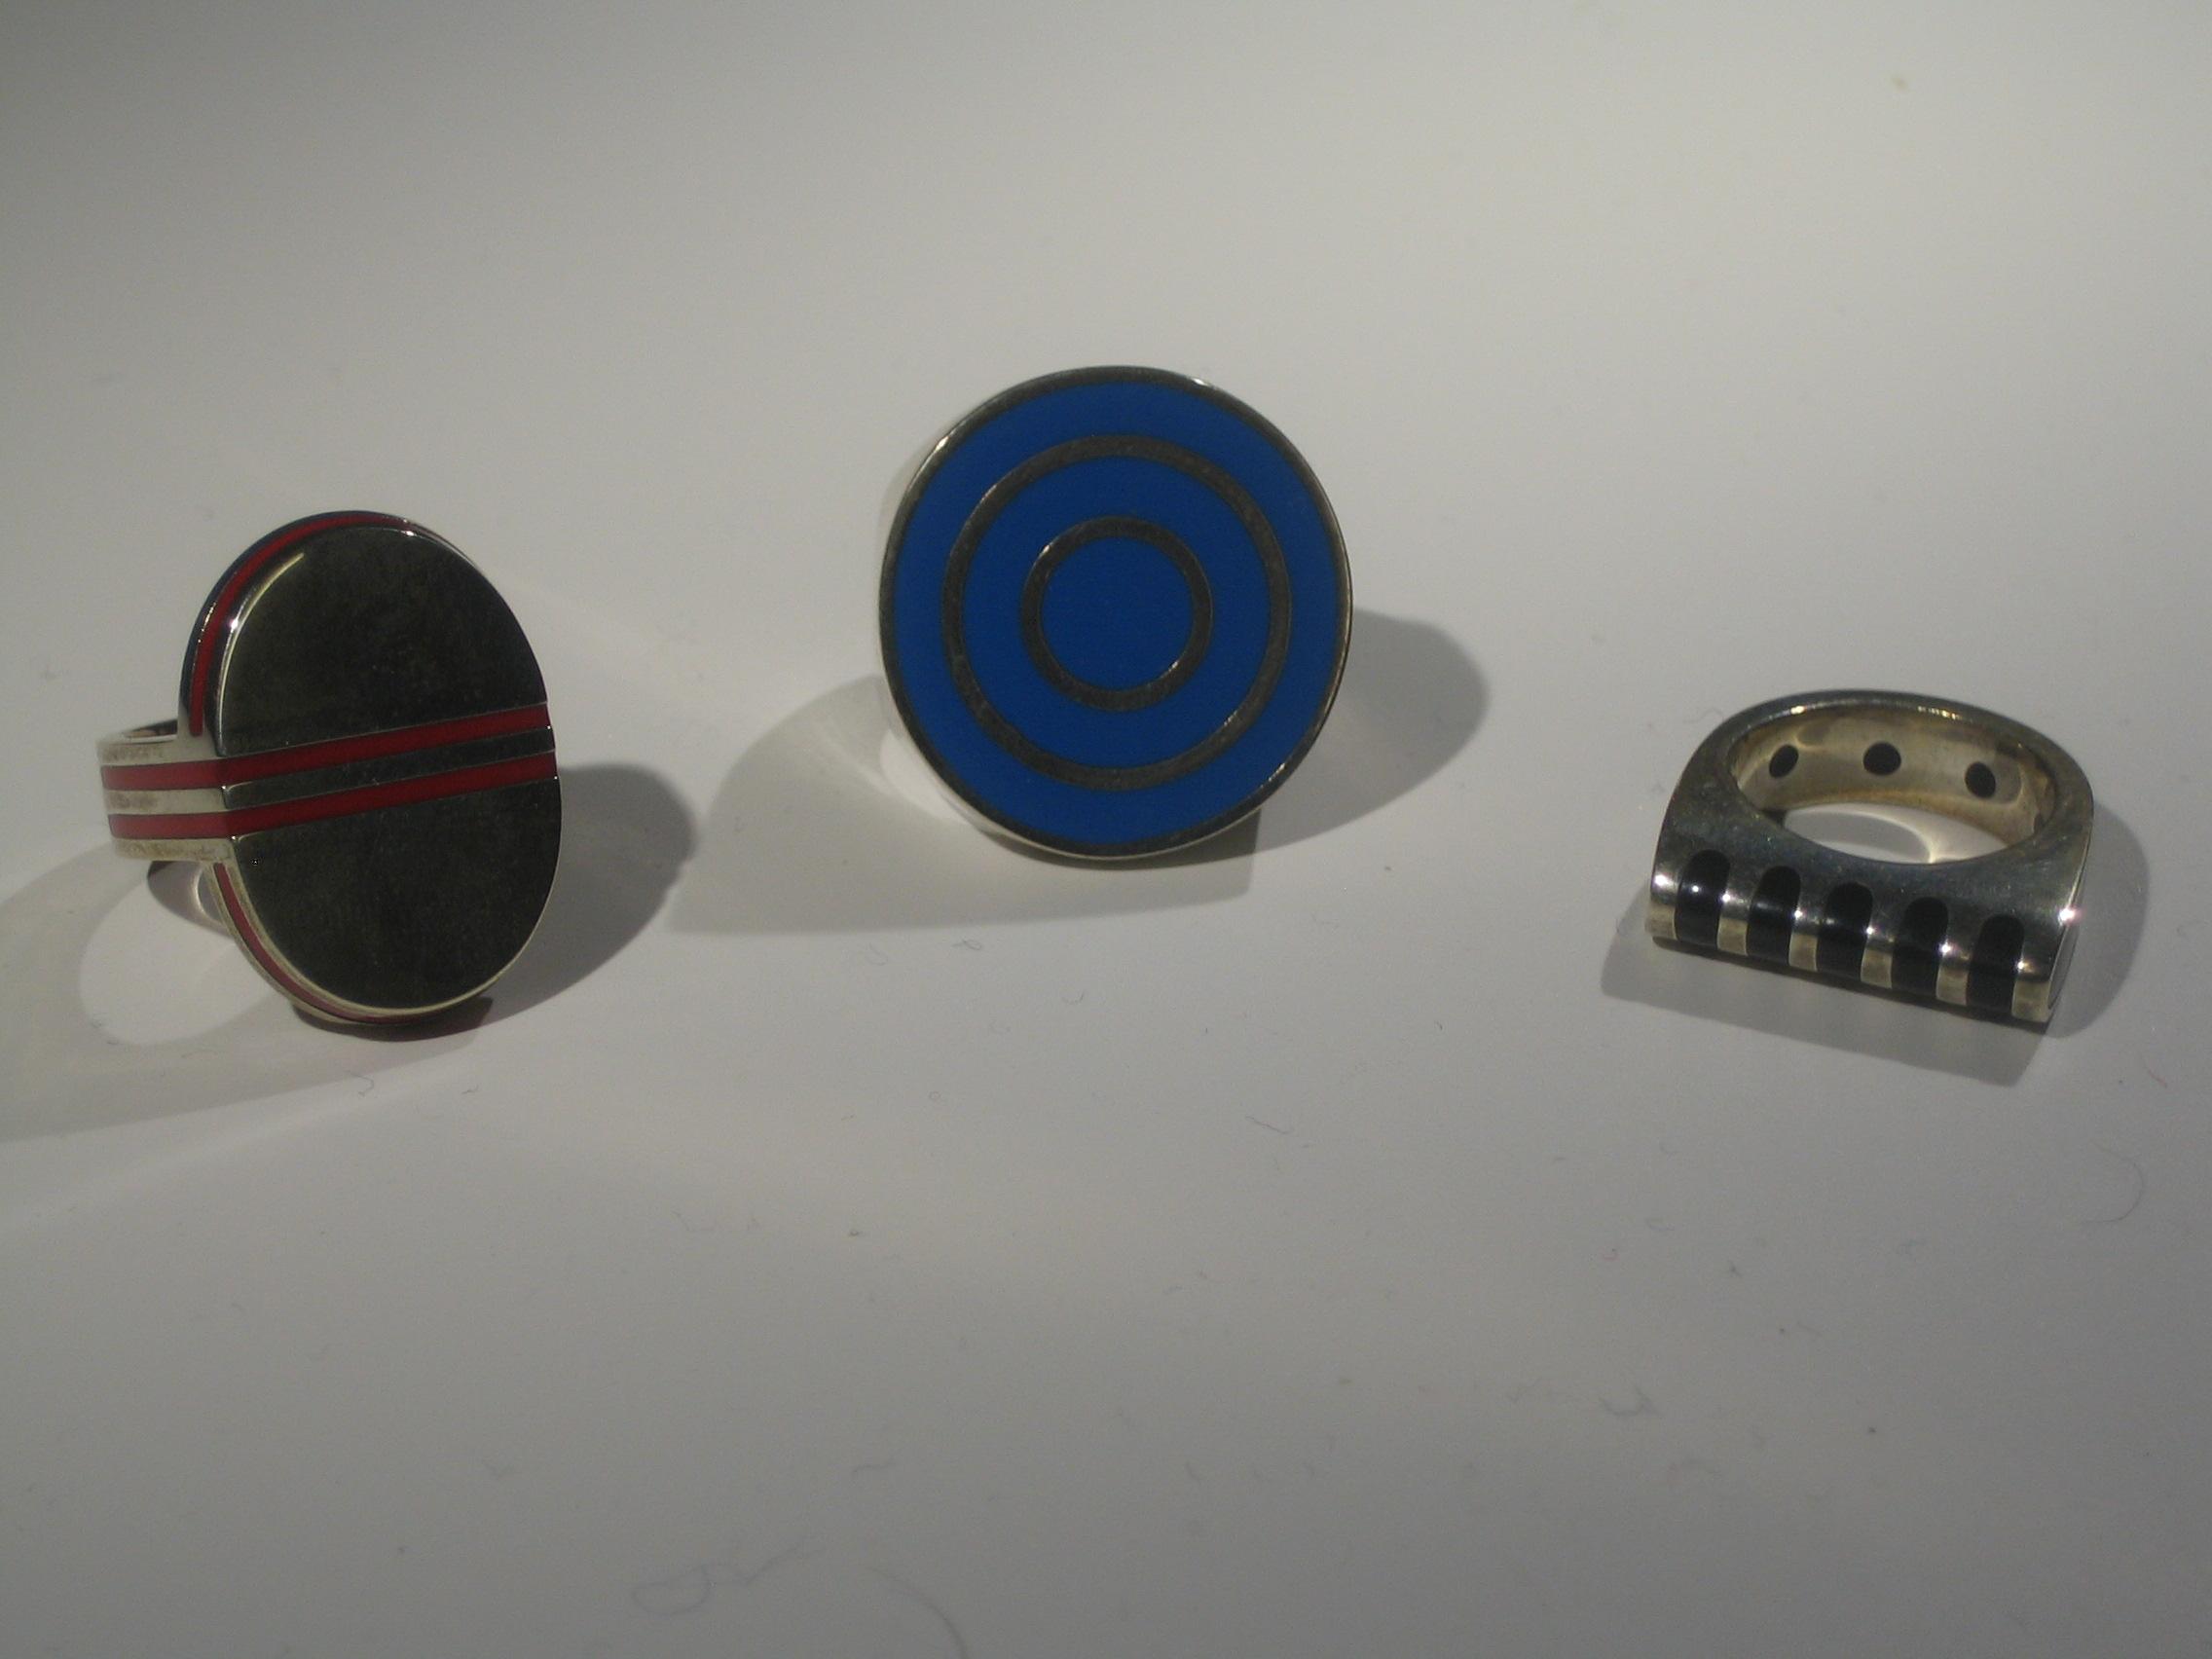 Jan Scherjon, drie ringen, 1960, 1960, 1972. Sieradenpresentatie lockers, Collectie Centraal Museum, 31631, 31632, 20791